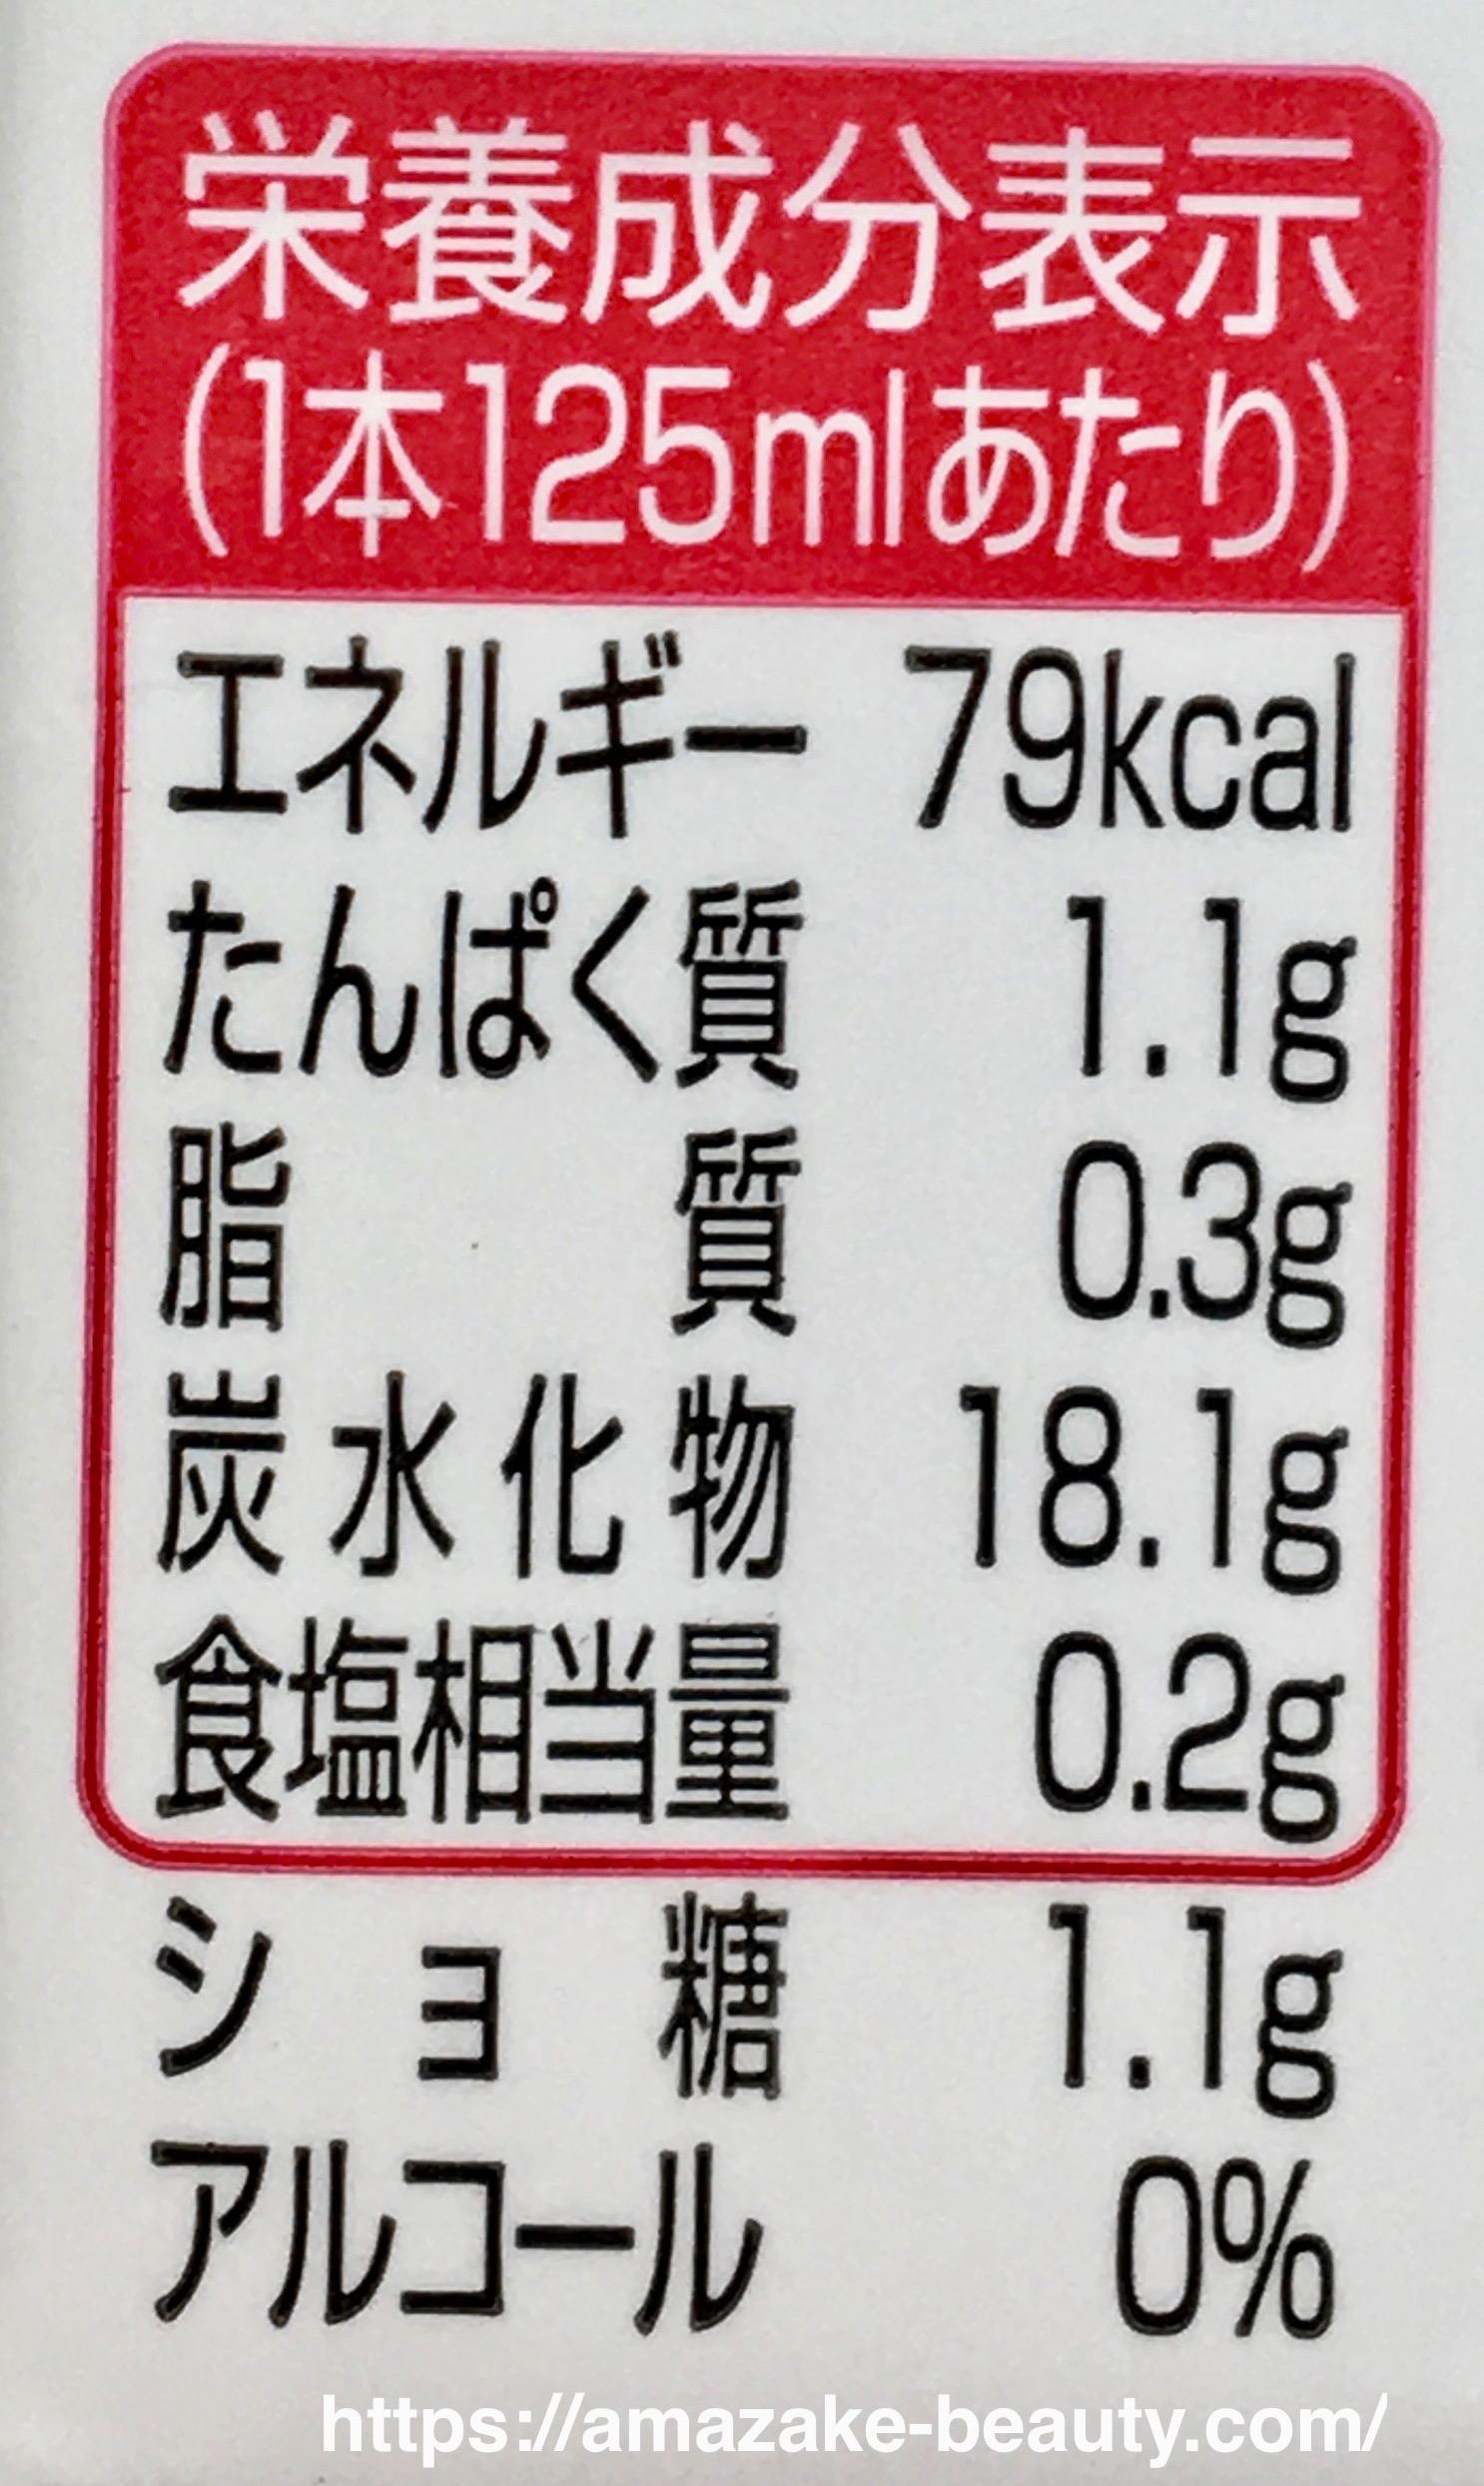 【甘酒】マルコメ『糀甘酒(りんご)』(栄養成分表示)